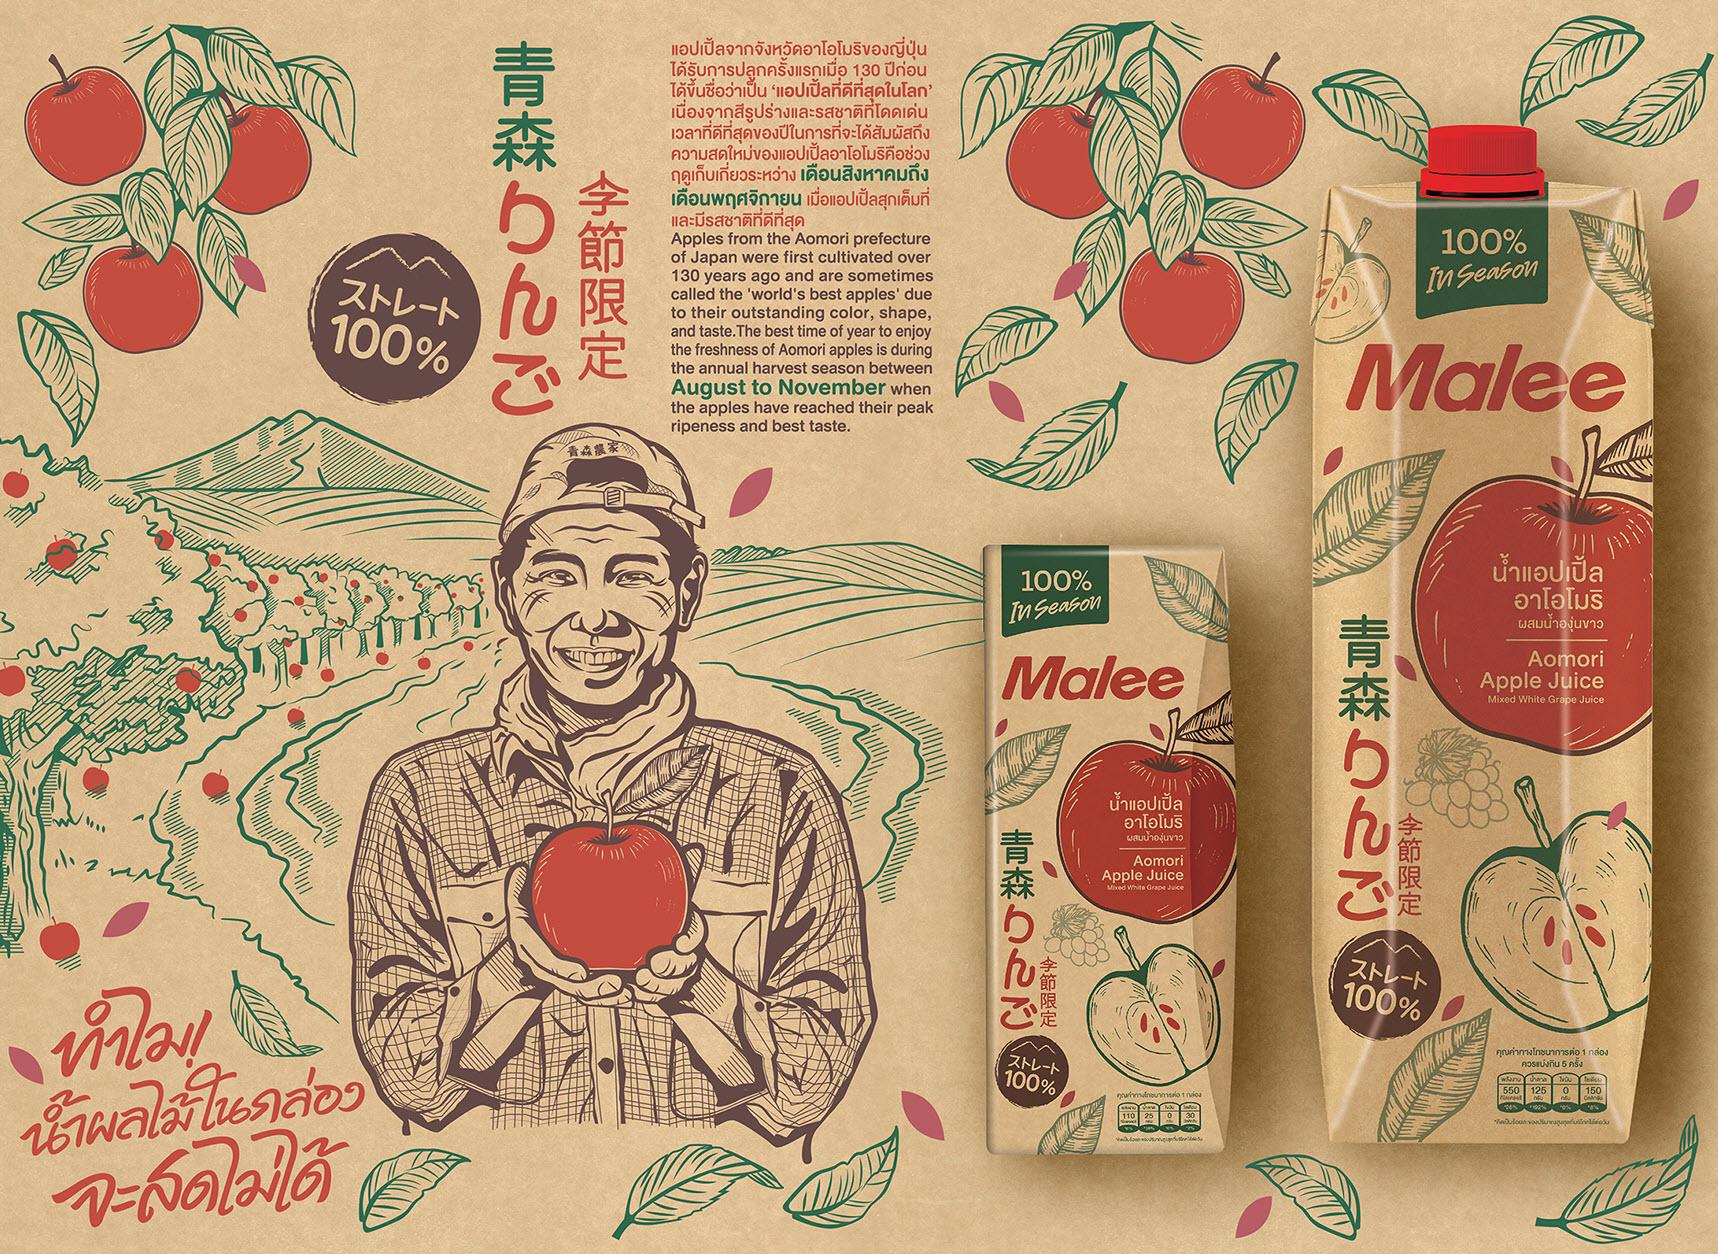 ลงตัวกับธรรมชาติ ใหม่! มาลี นำเสนอน้ำแอปเปิ้ลอาโอโมริ ในบรรจุภัณฑ์ Tetra Pak® Craft สำนักพิมพ์แม่บ้าน